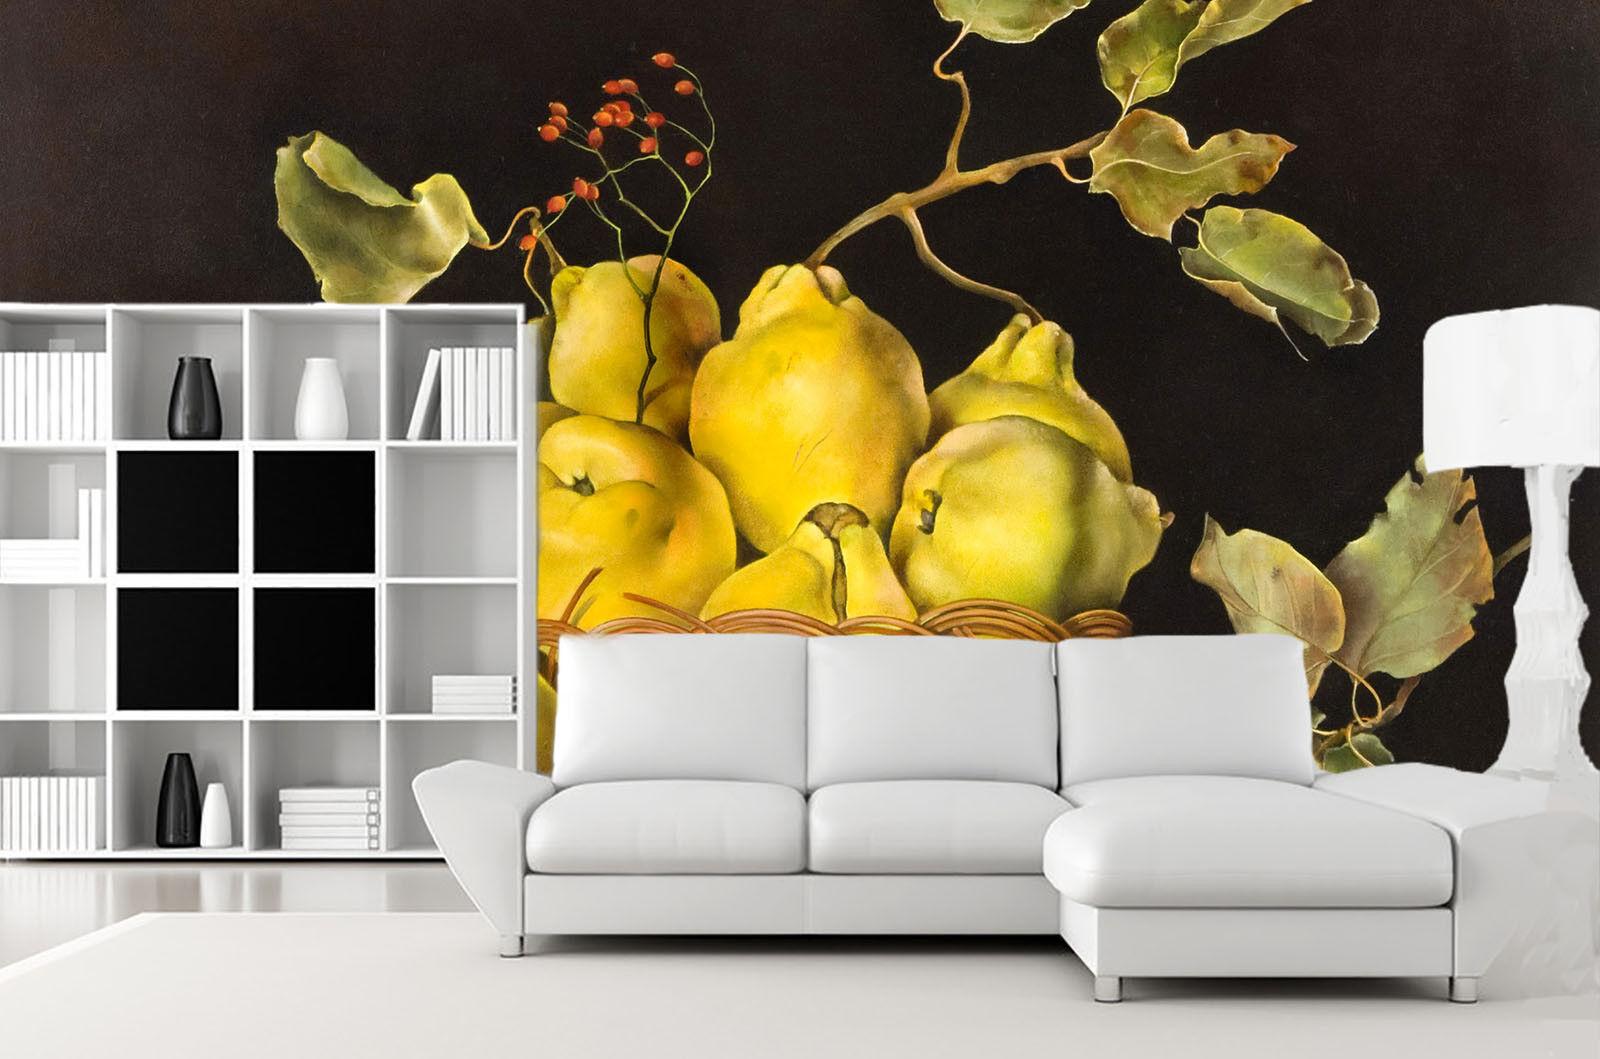 3D Gelbe Birne Korb 74 Tapete Wandgemälde Tapete Tapete Tapete Tapeten Bild Familie DE Summer   Schön    München    Deutschland Shops  1d1c5f